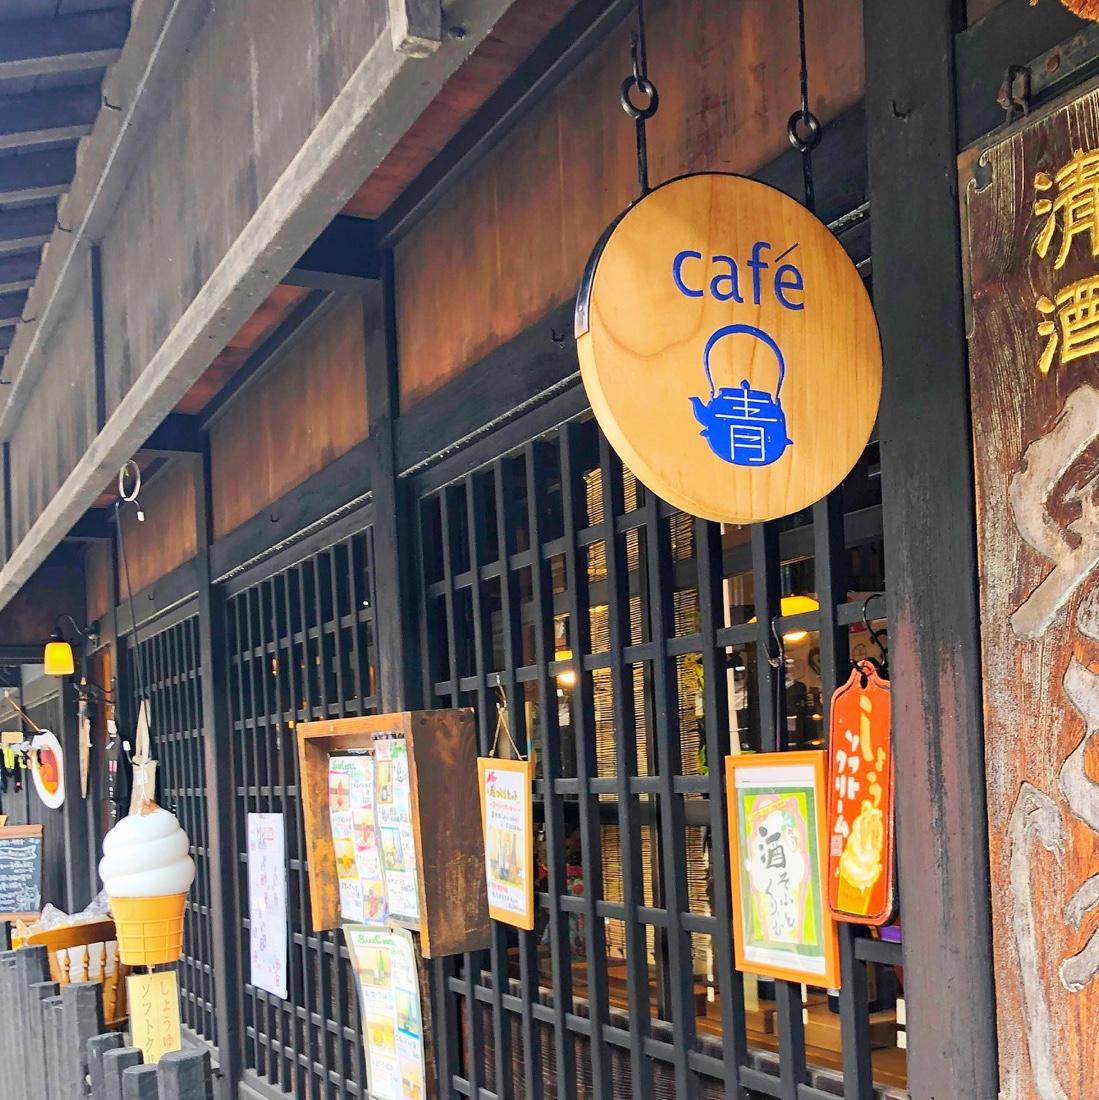 高山の古い町並にあるカフェ青の看板